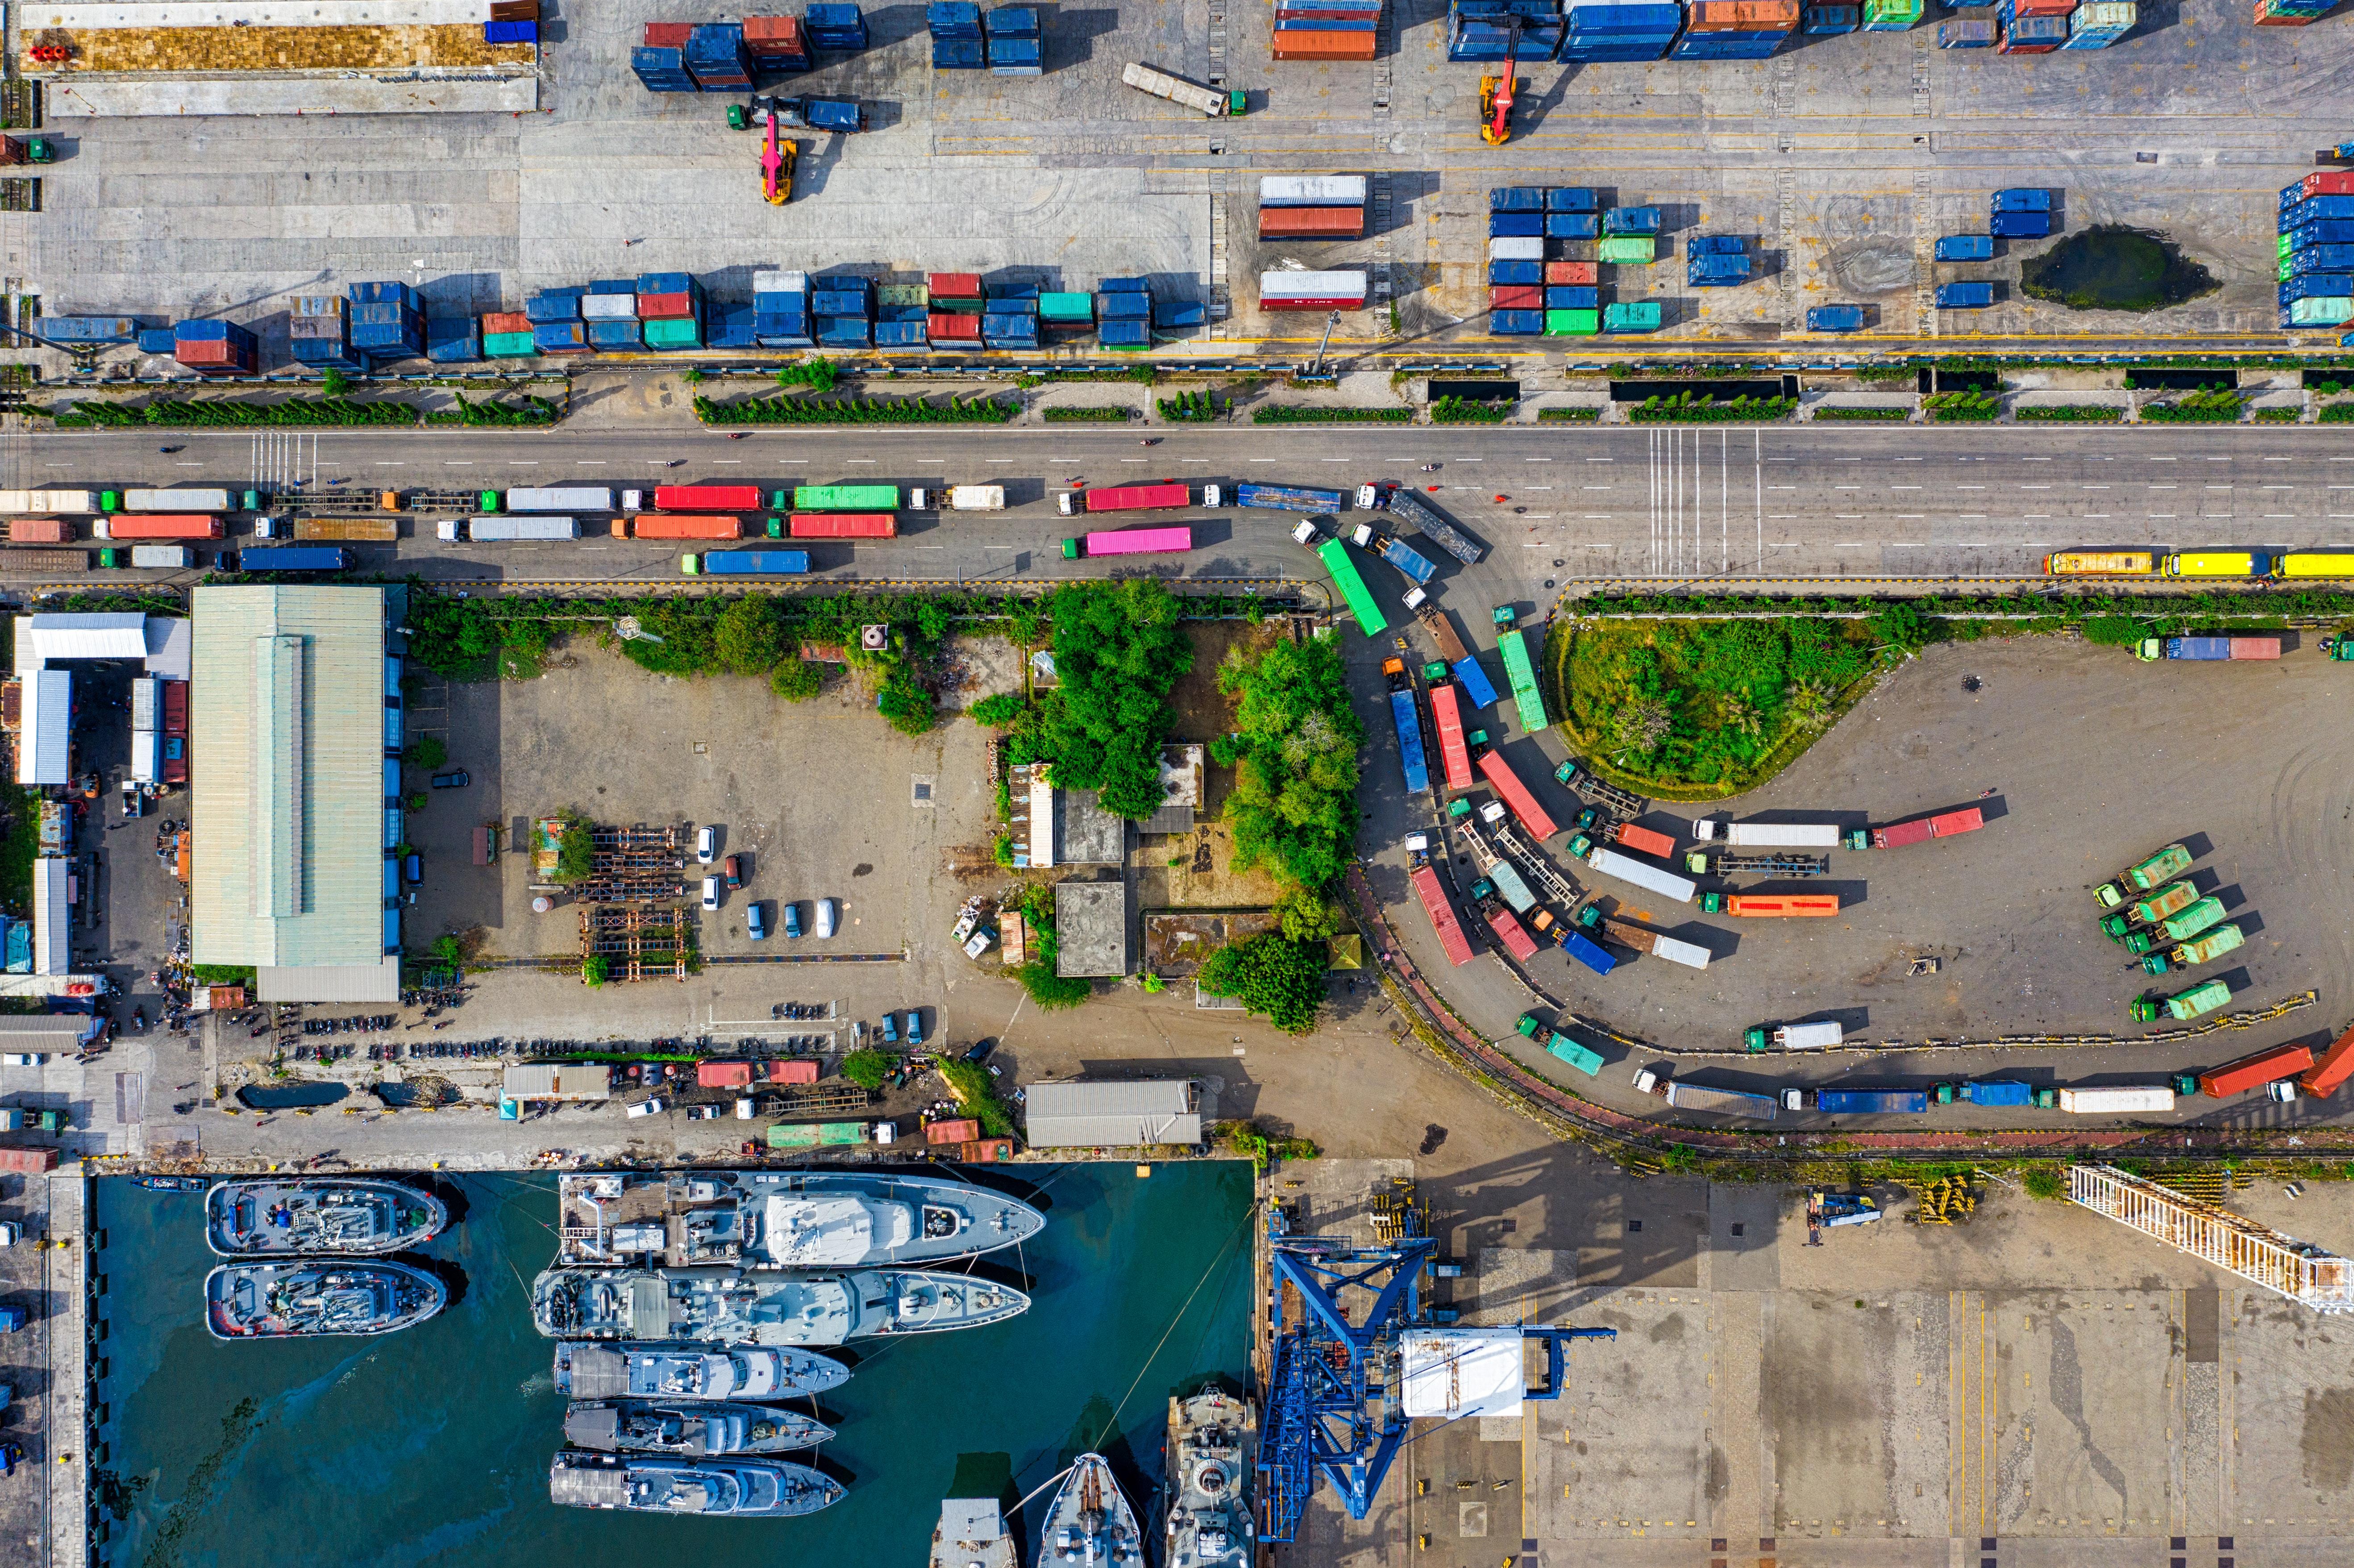 FretBay déménagement transport déménager écologie transporteurs climat